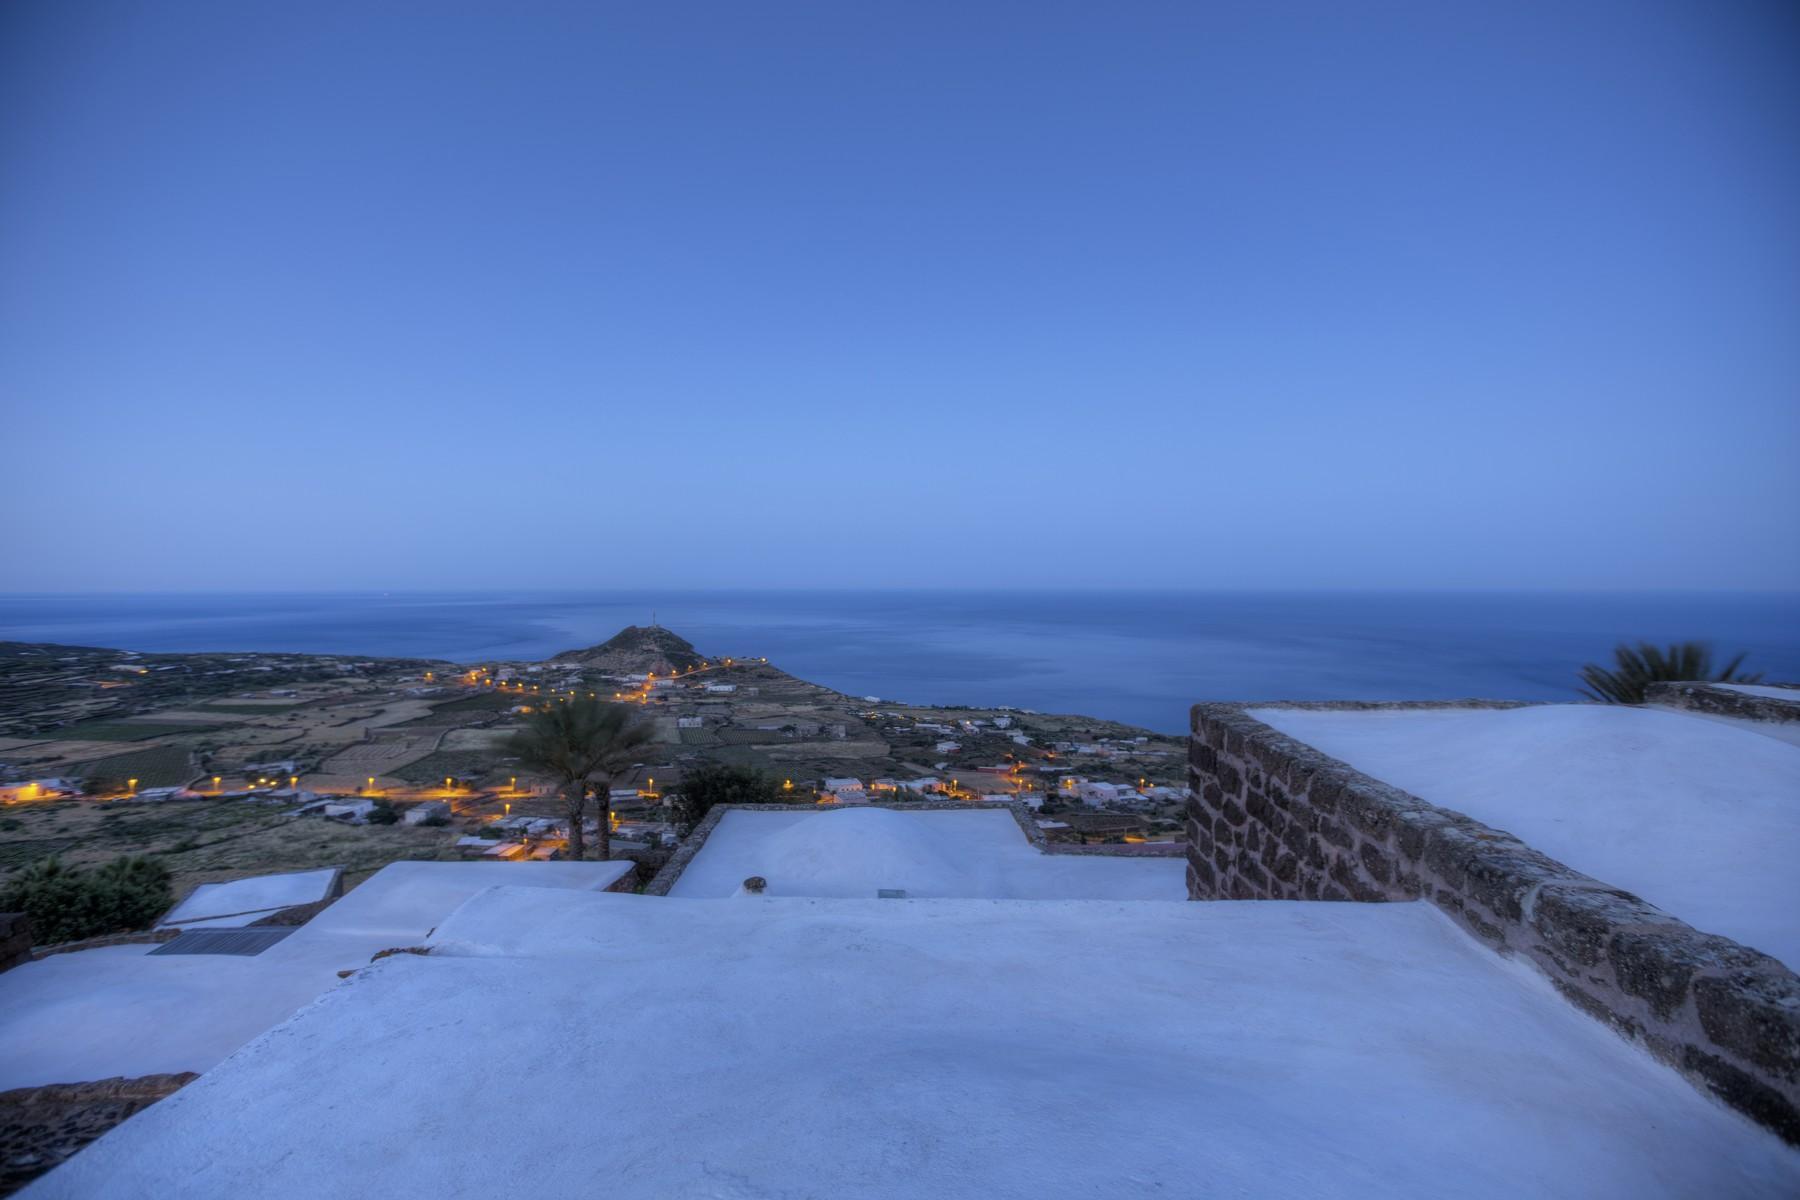 Un paradiso incontaminato nell'esclusiva isola di Pantelleria - 19